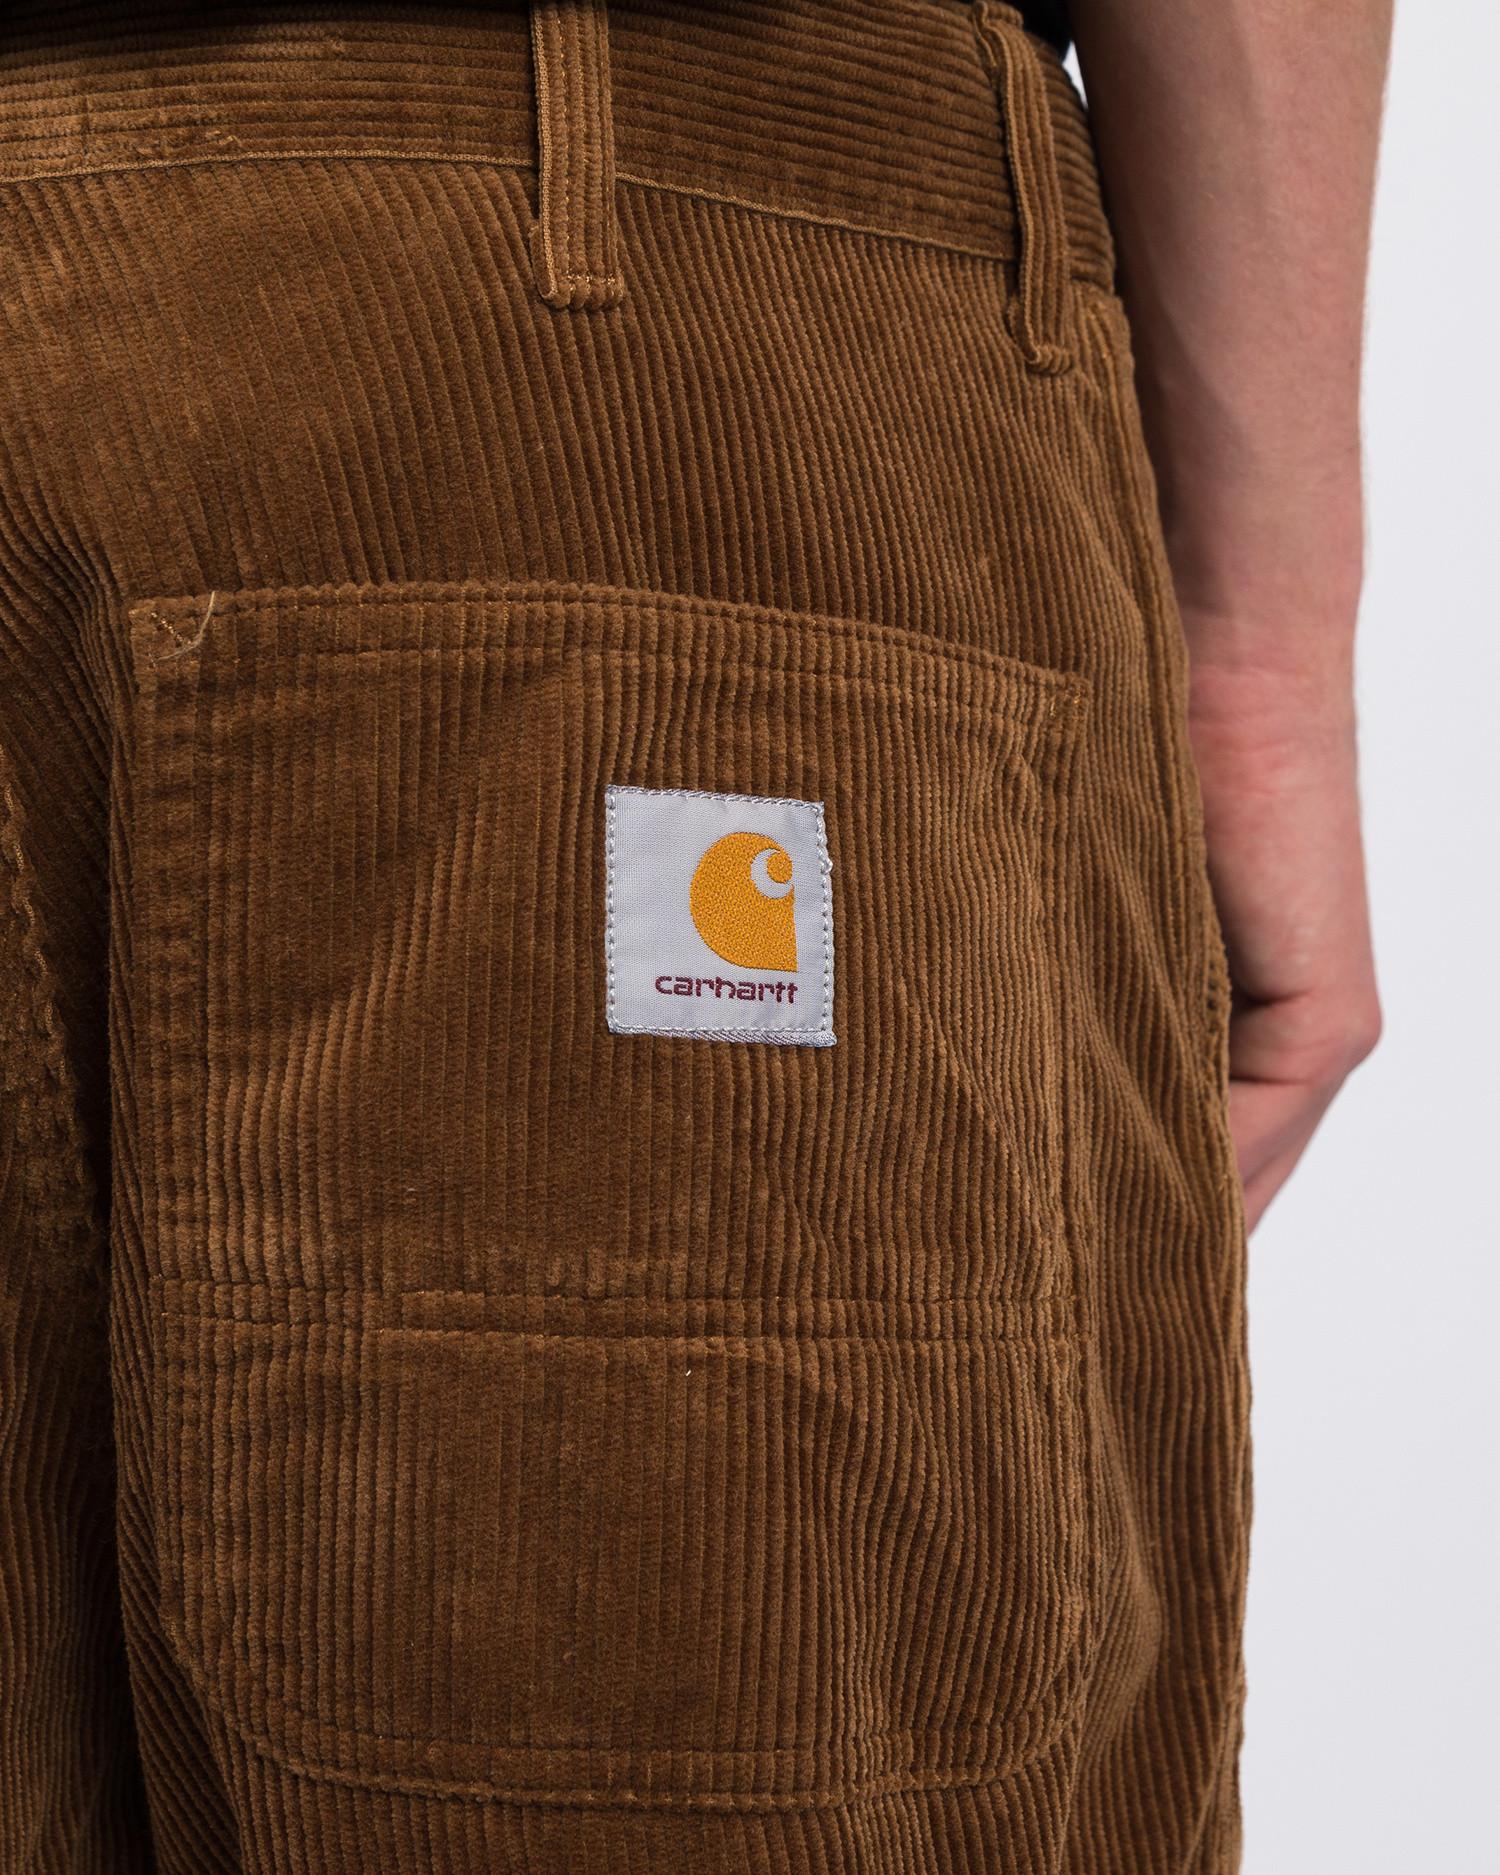 Carhartt Simple Pant Hamilton Brown Rinsed